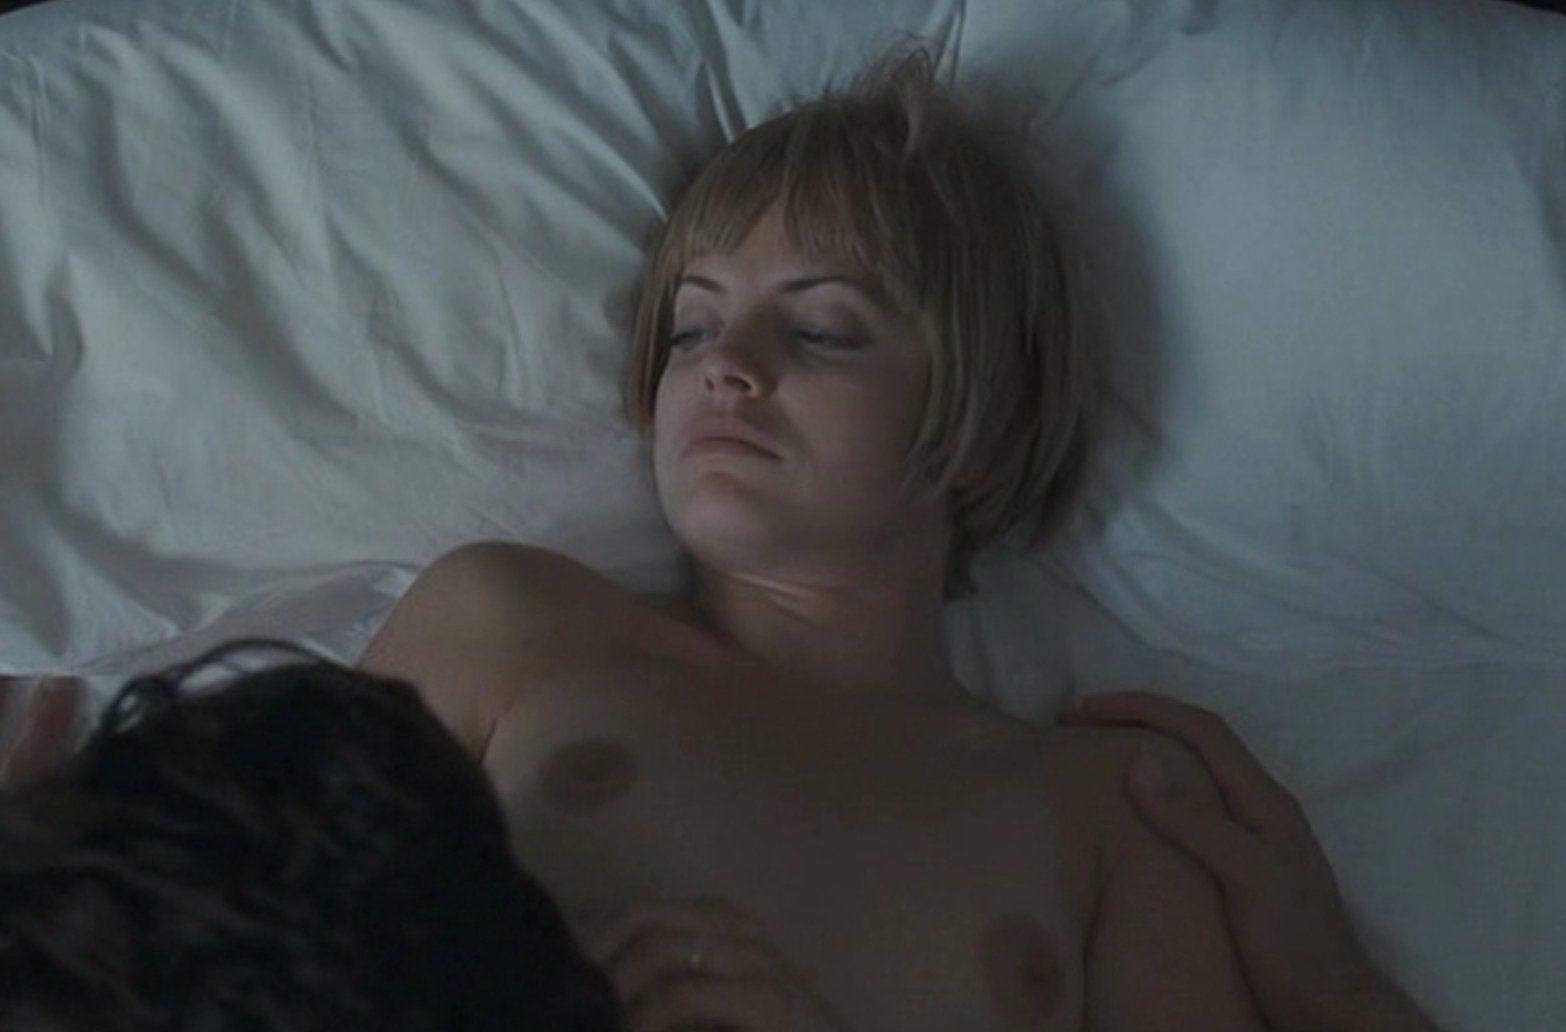 Olivia holt nude naked fake porn